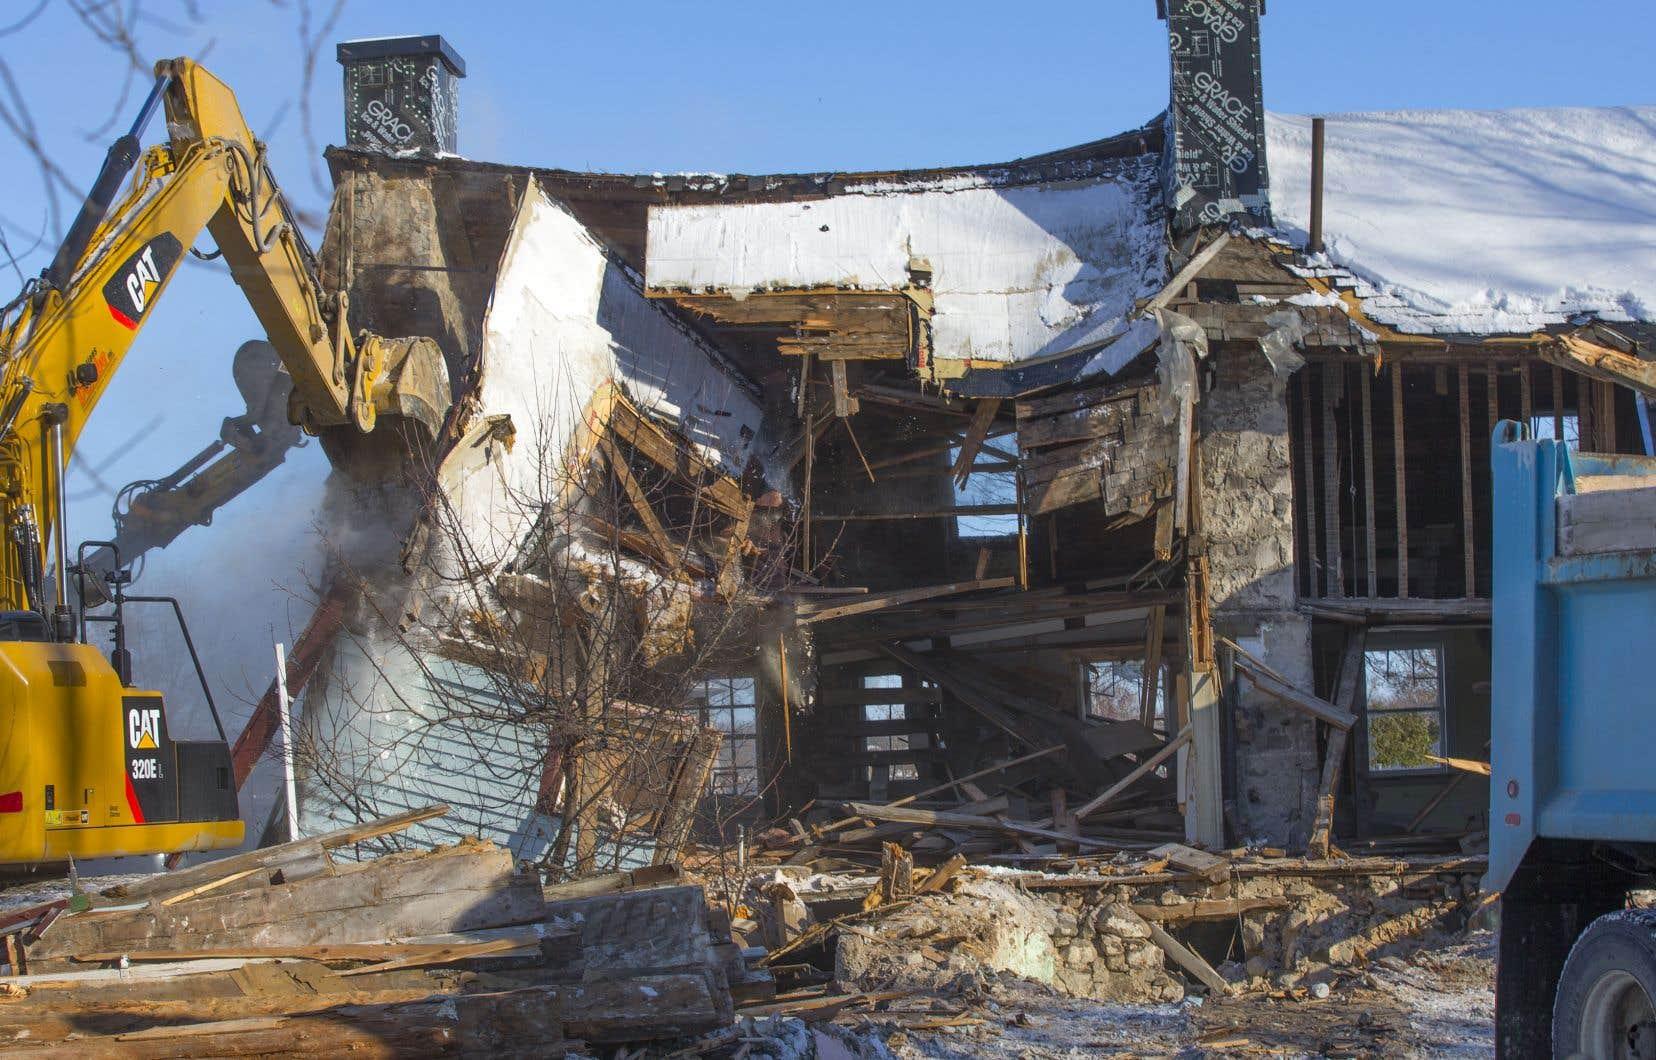 Plusieurs citoyens ont interpellé les élus au sujet de la maison patrimoniale. À l'un d'eux, Jean Roy a admis avoir appris la démolition de la maison Boileau le jour où les pelles mécaniques se sont présentées sur les lieux.